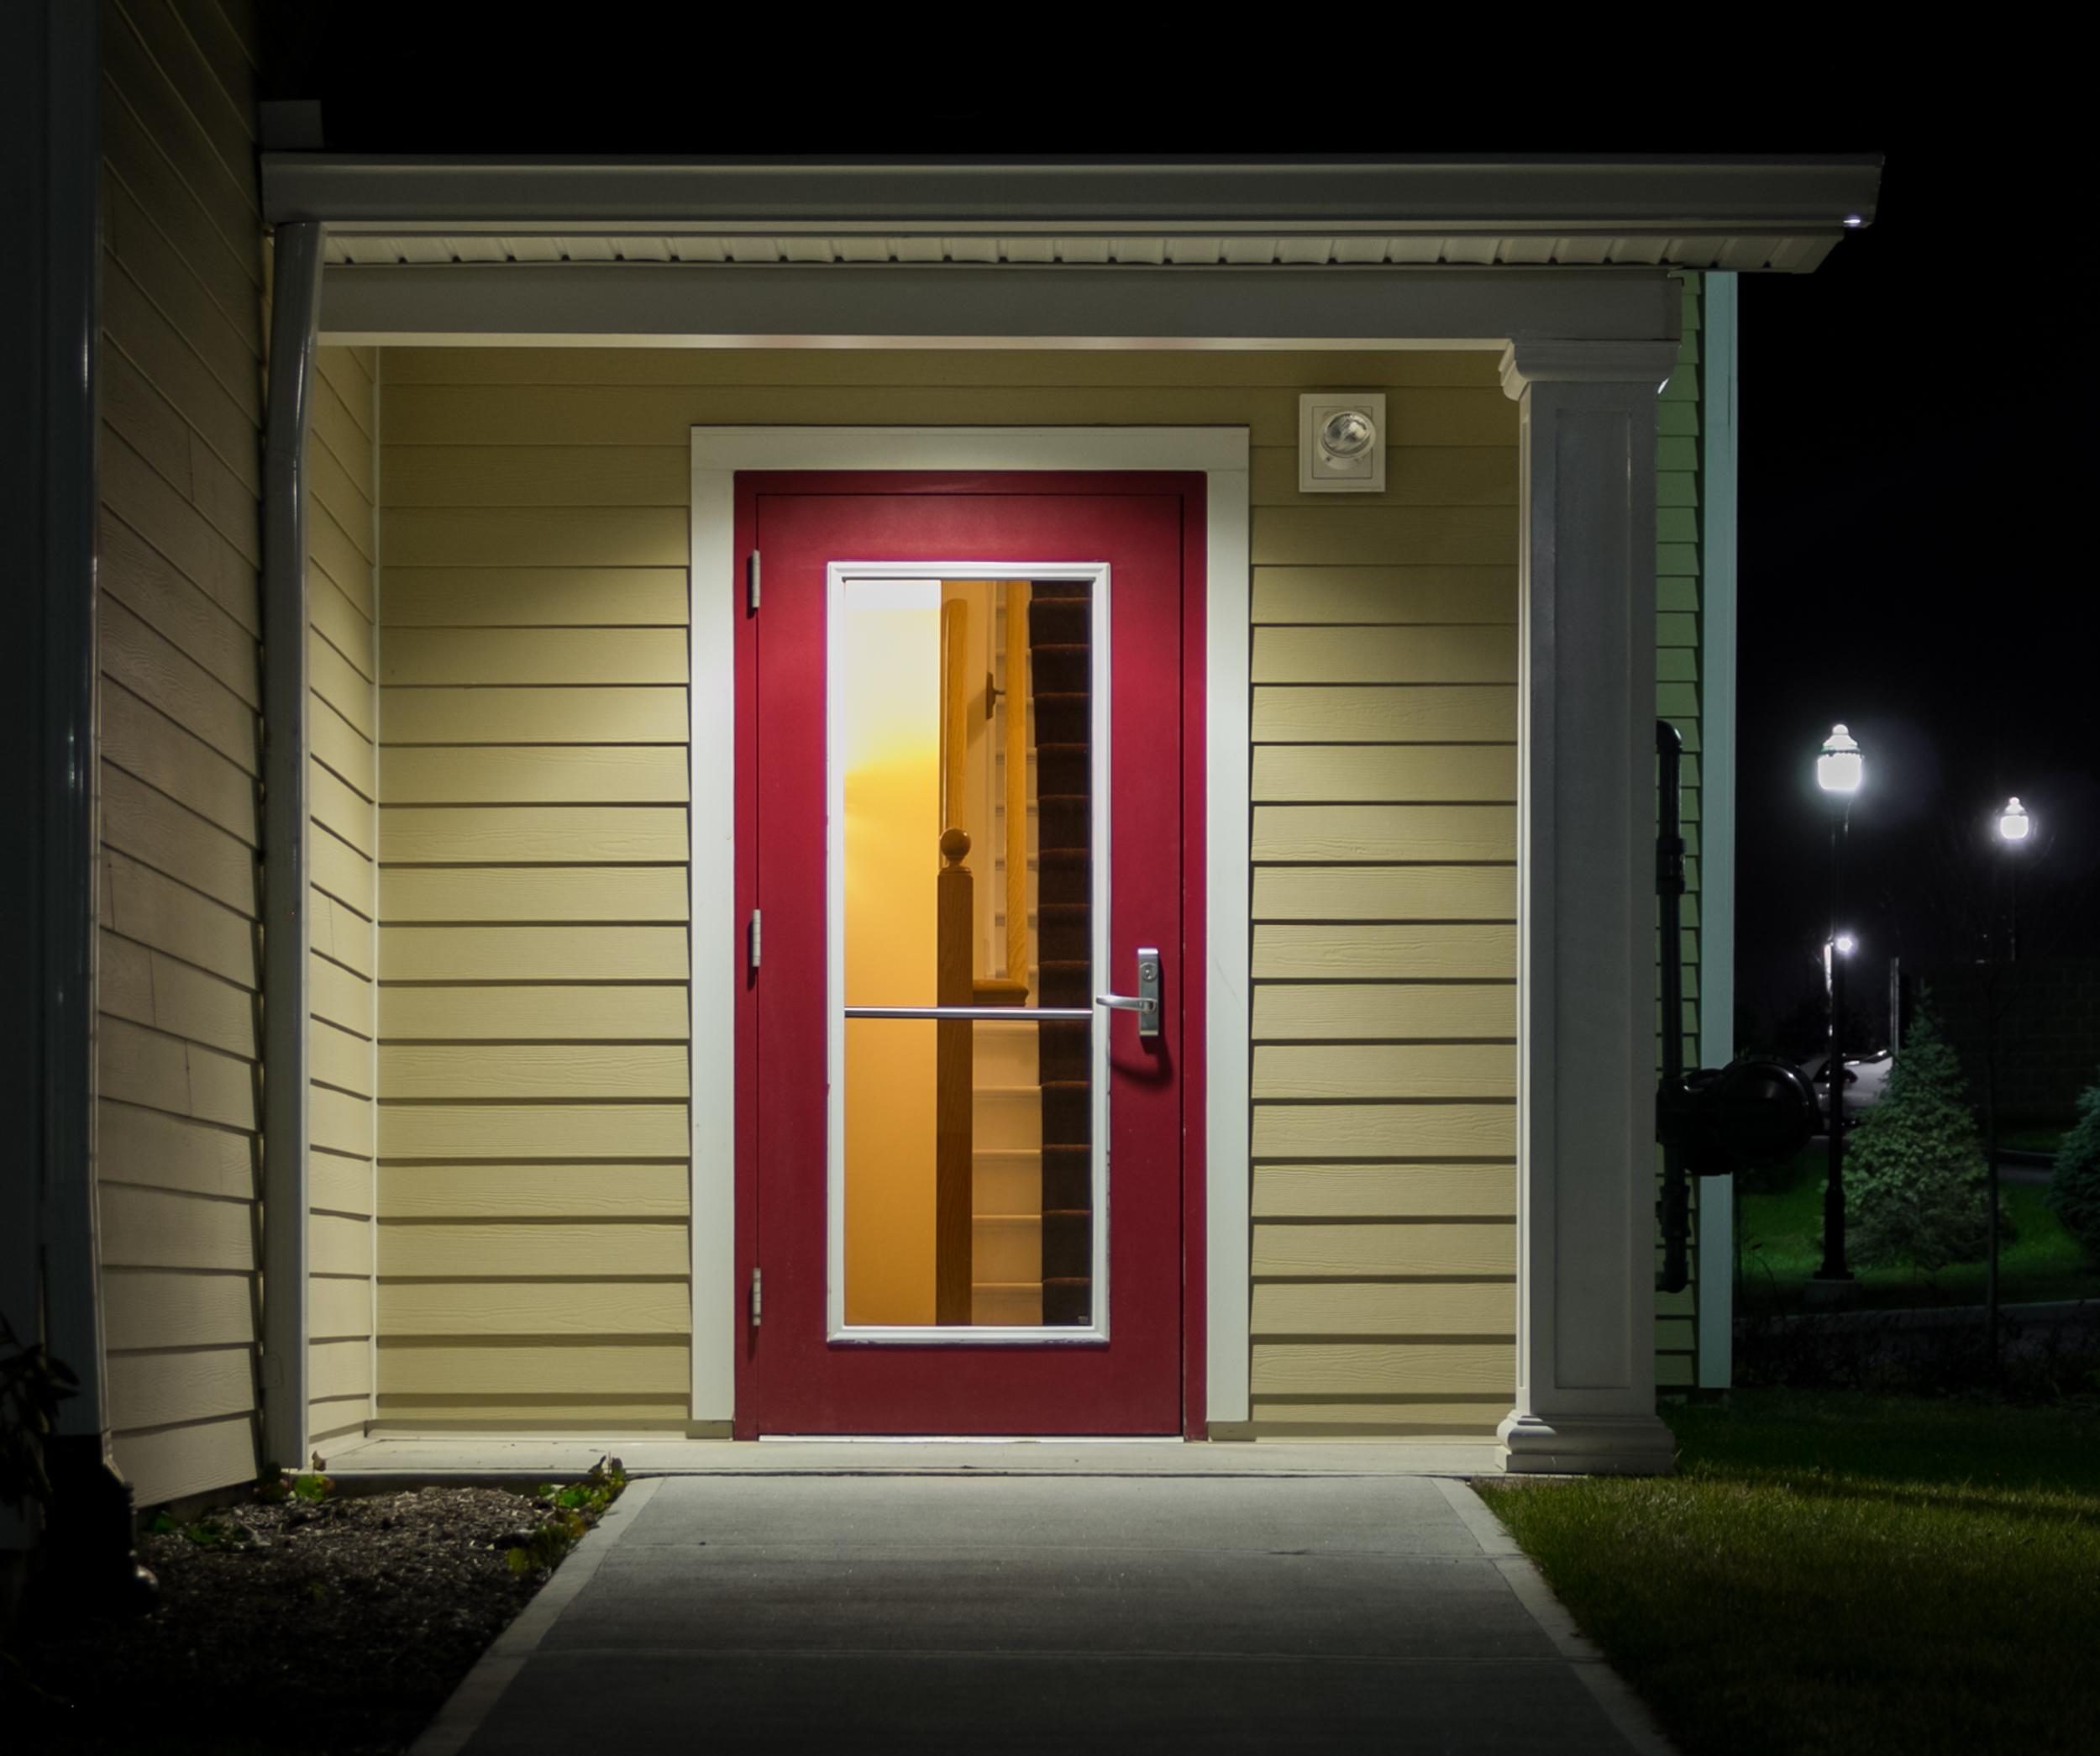 Red Door, 2017